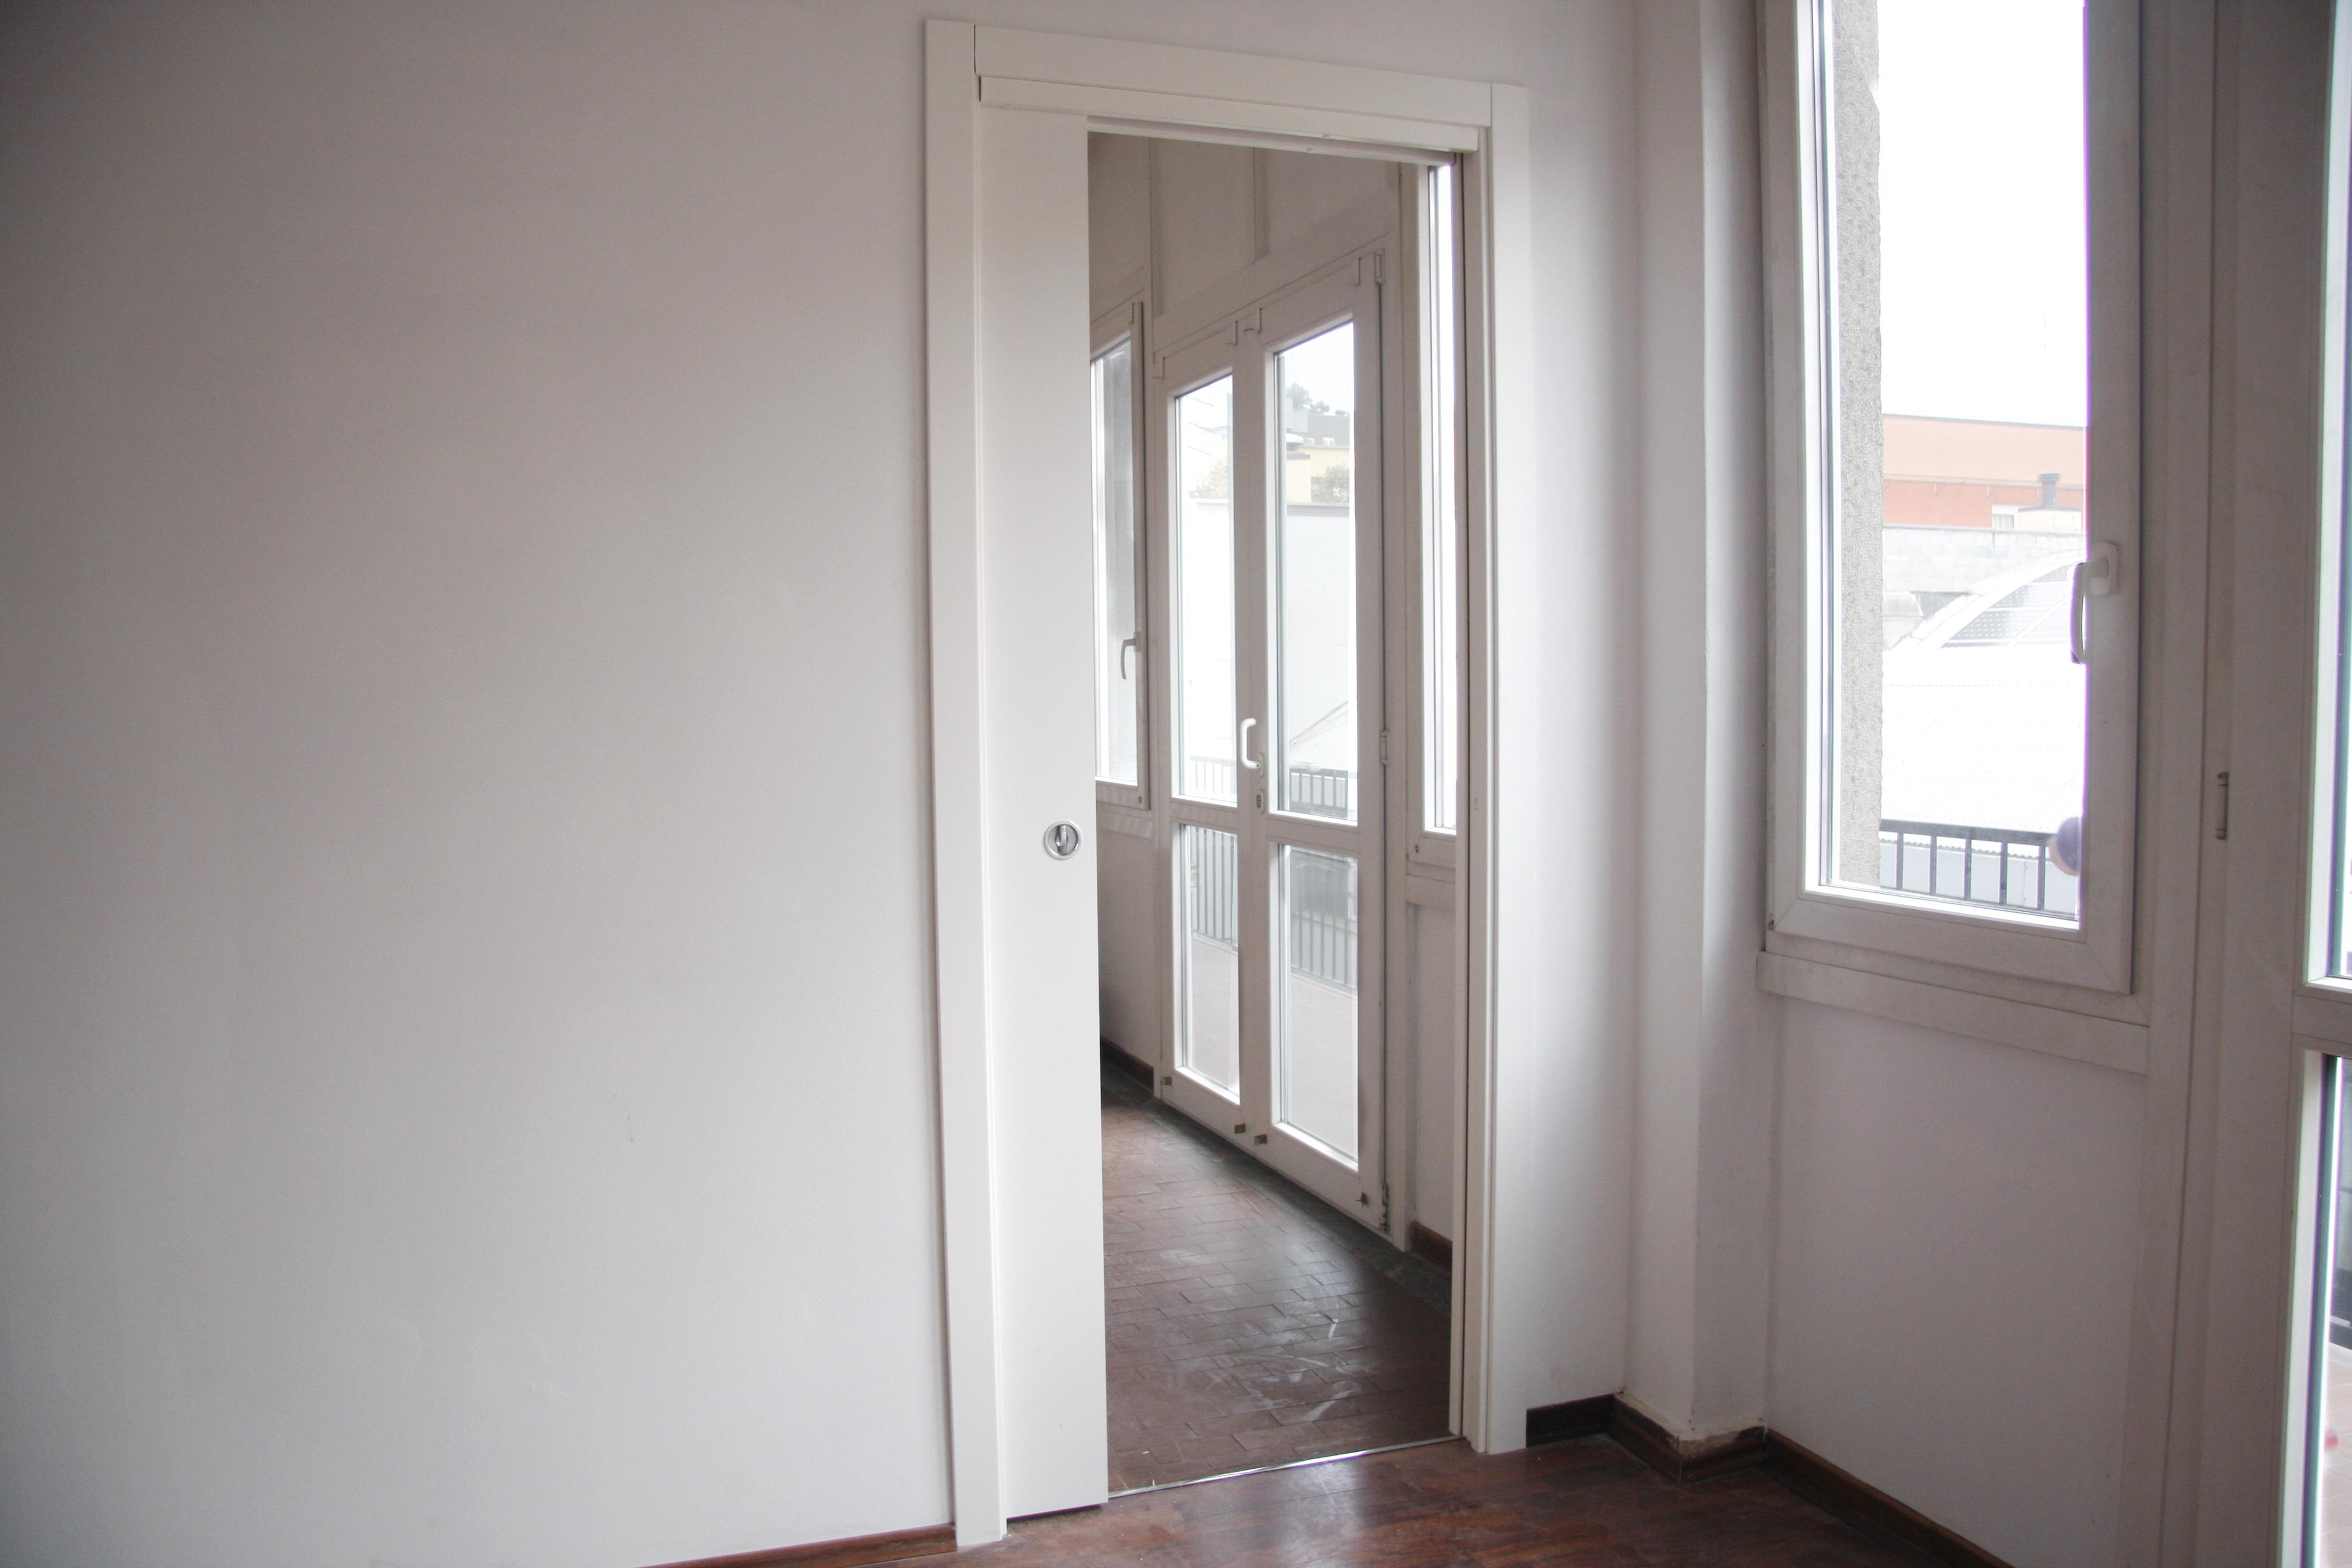 Milano | Laboratorio in Affitto in via Bernardino Biondelli 9 | lacasadimilano.it